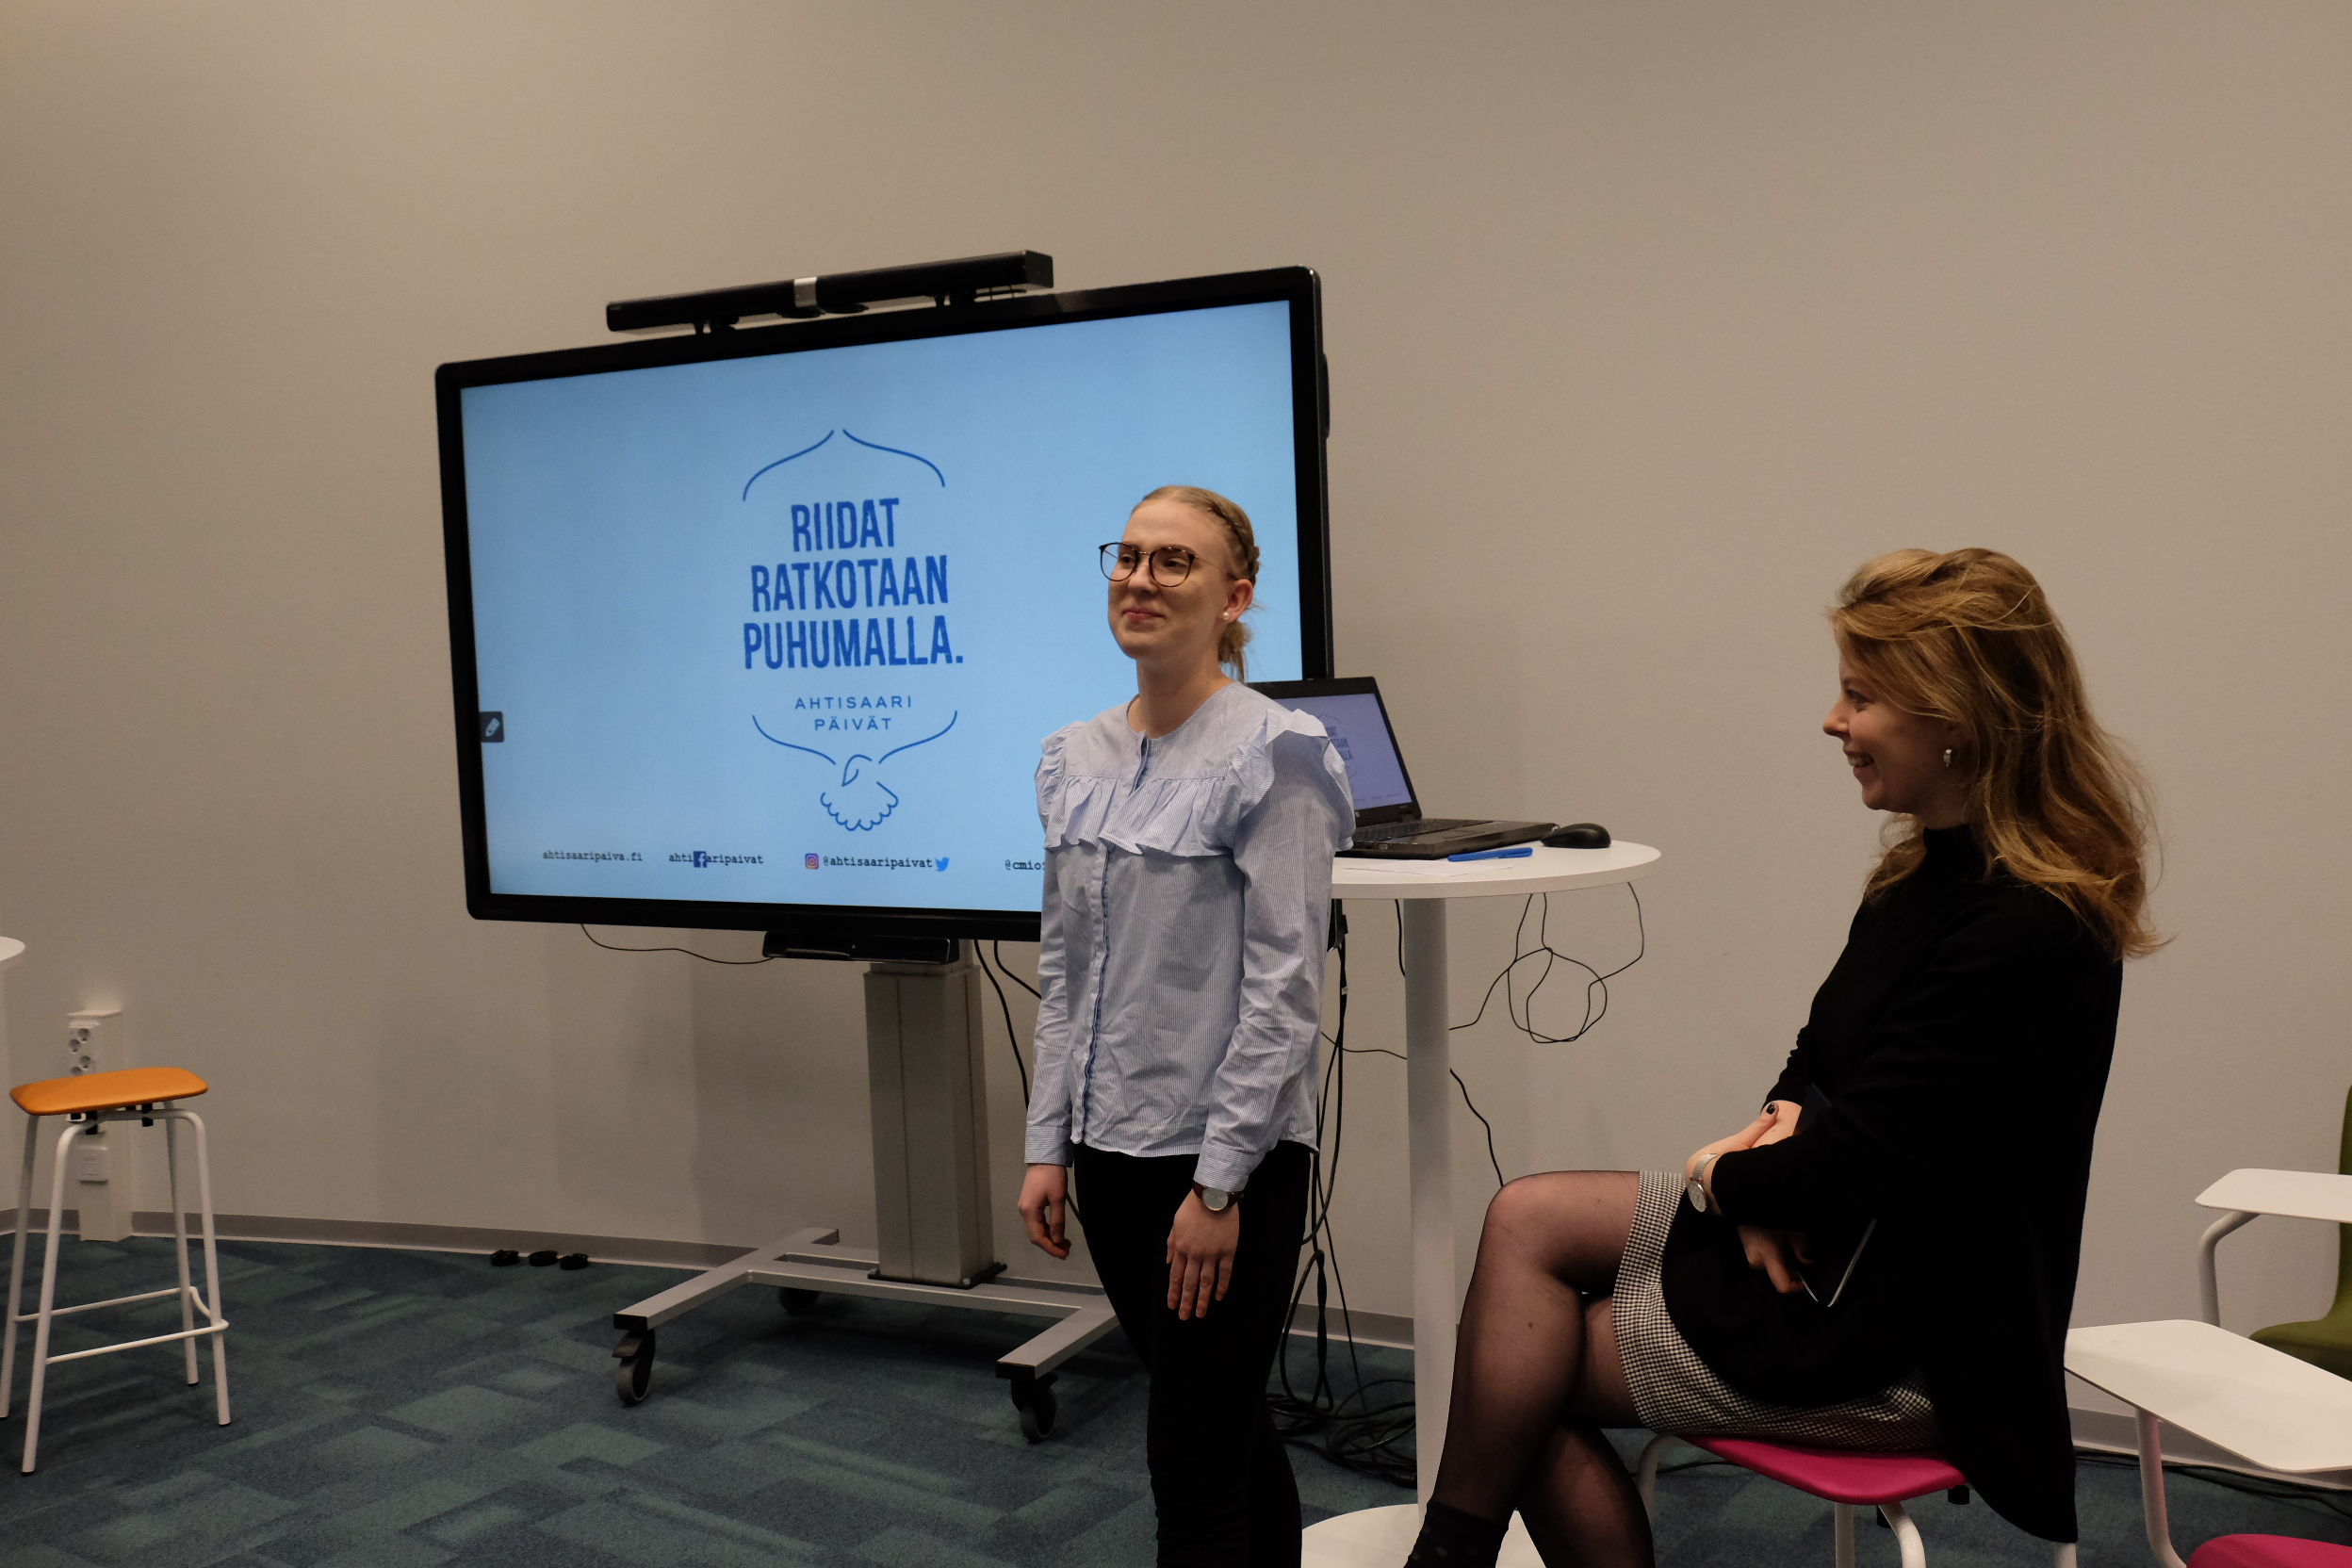 Viime vuonna Jyväskylässä Ahtisaari-päivät tavoittivat yhden päivän aikana n. 500 jyväskyläläistä koululaista ja opettajaa.